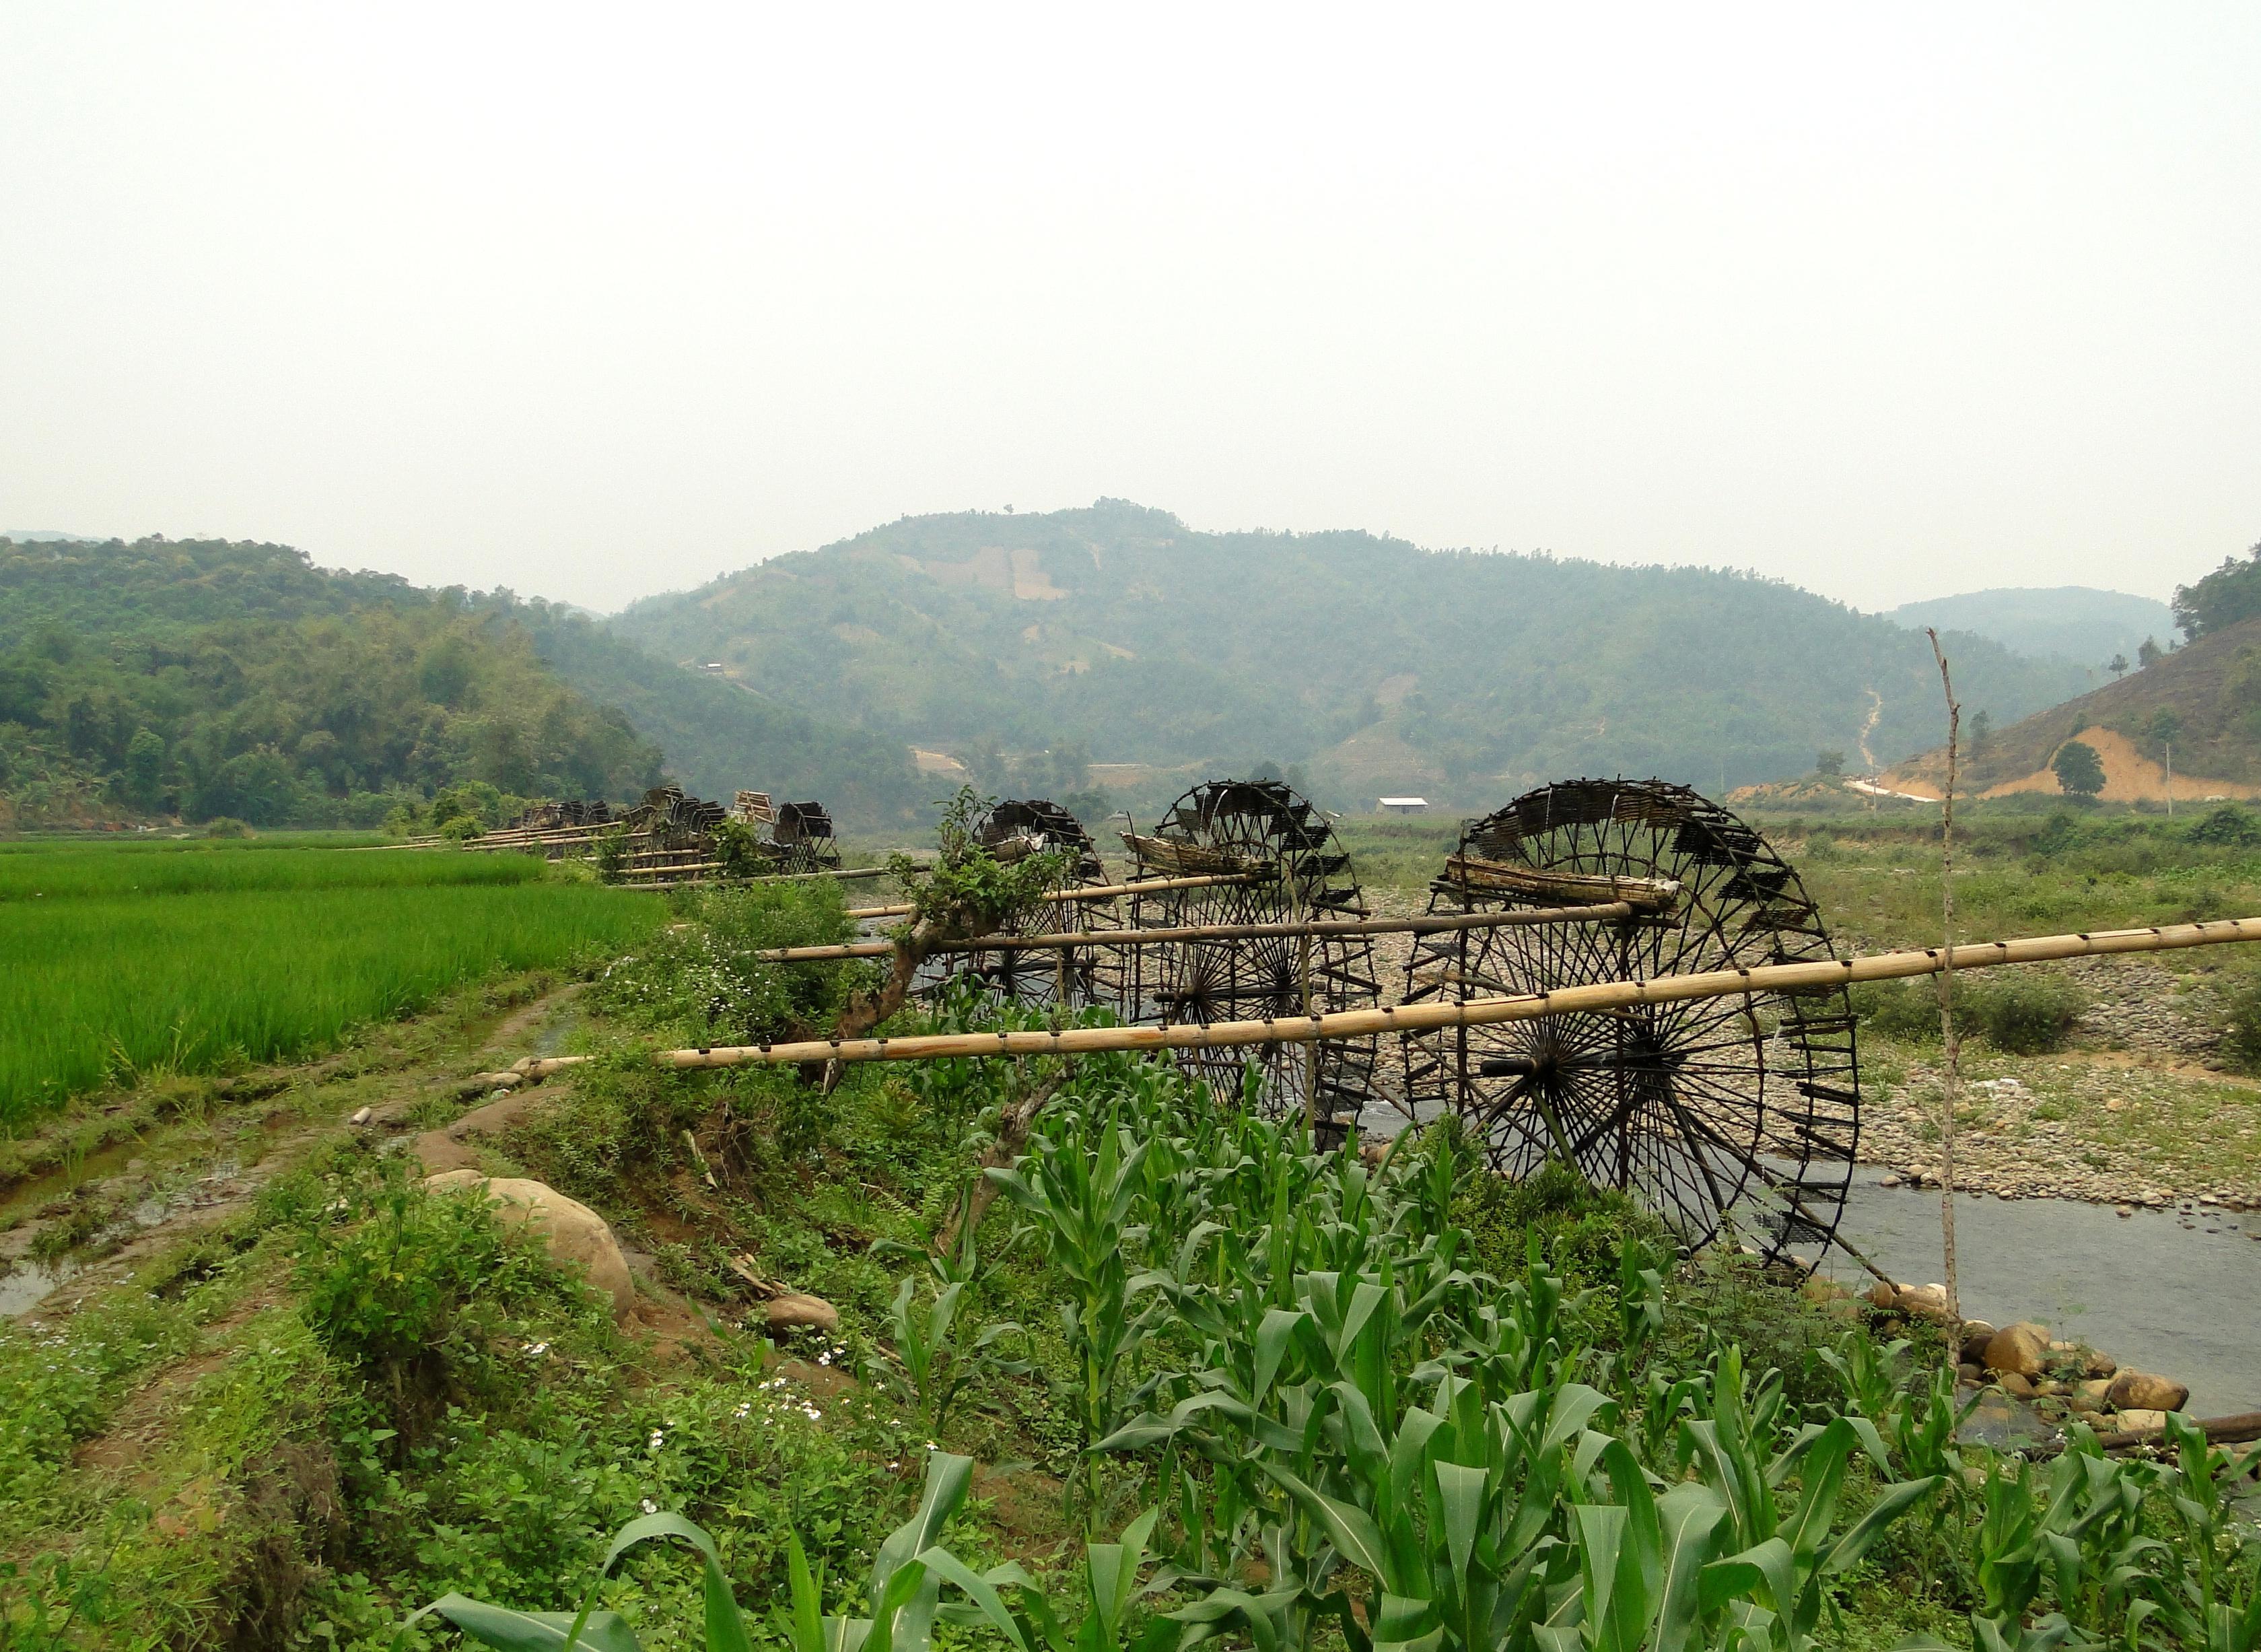 jentera air di kecamatan ban bo-bangunan yang kreatif dan  unik dari warga etnis-etnis provinsi lai chau hinh 5